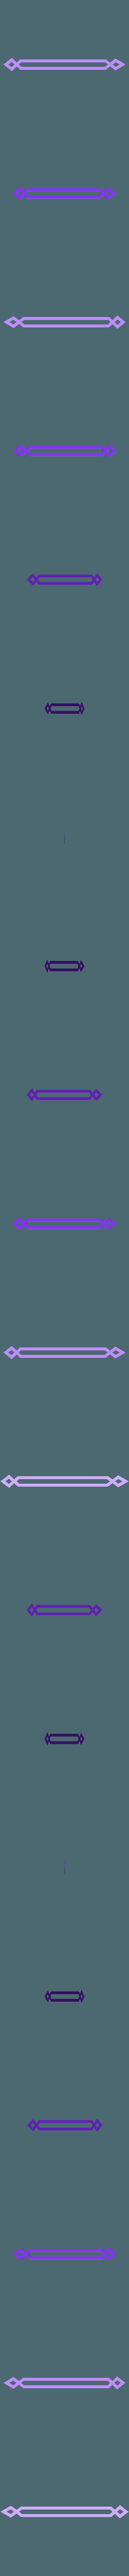 sword - deco.stl Télécharger fichier STL gratuit Link Goddess Sword (without painting) • Design pour imprimante 3D, lipki